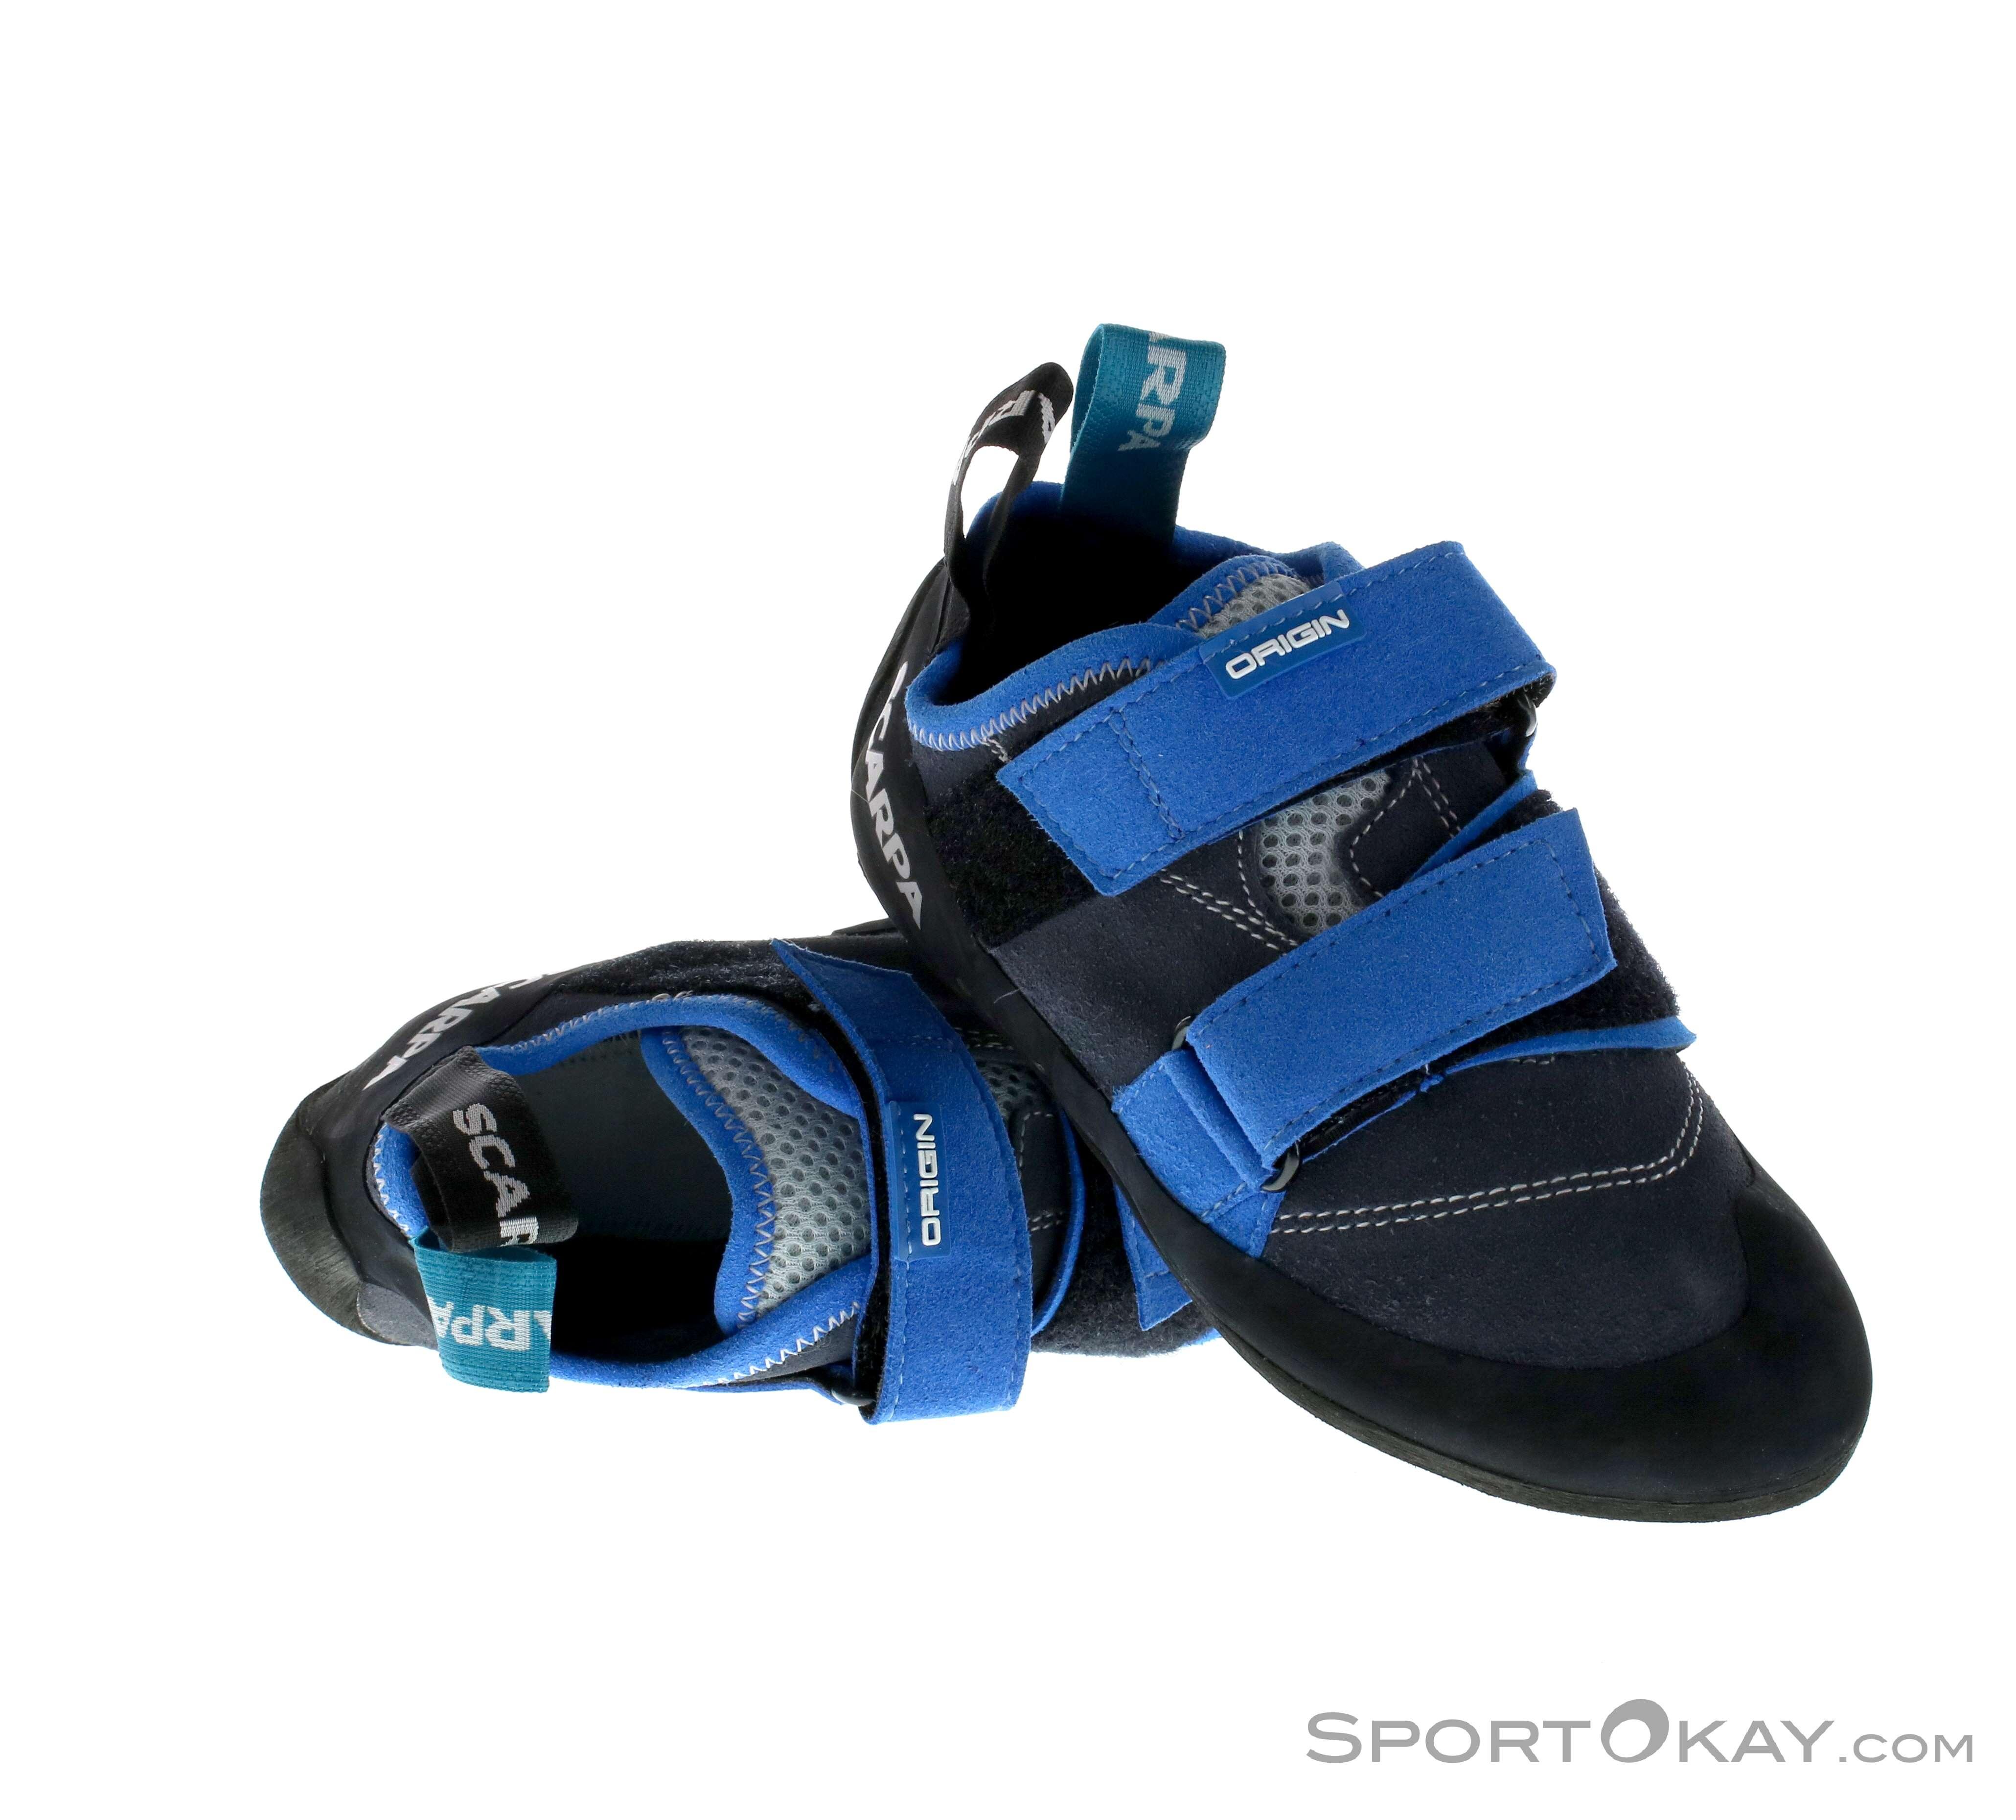 Scarpa Origin Herren Kletterschuh Herren grau Kletterschuhe Bouldern  Schuhe